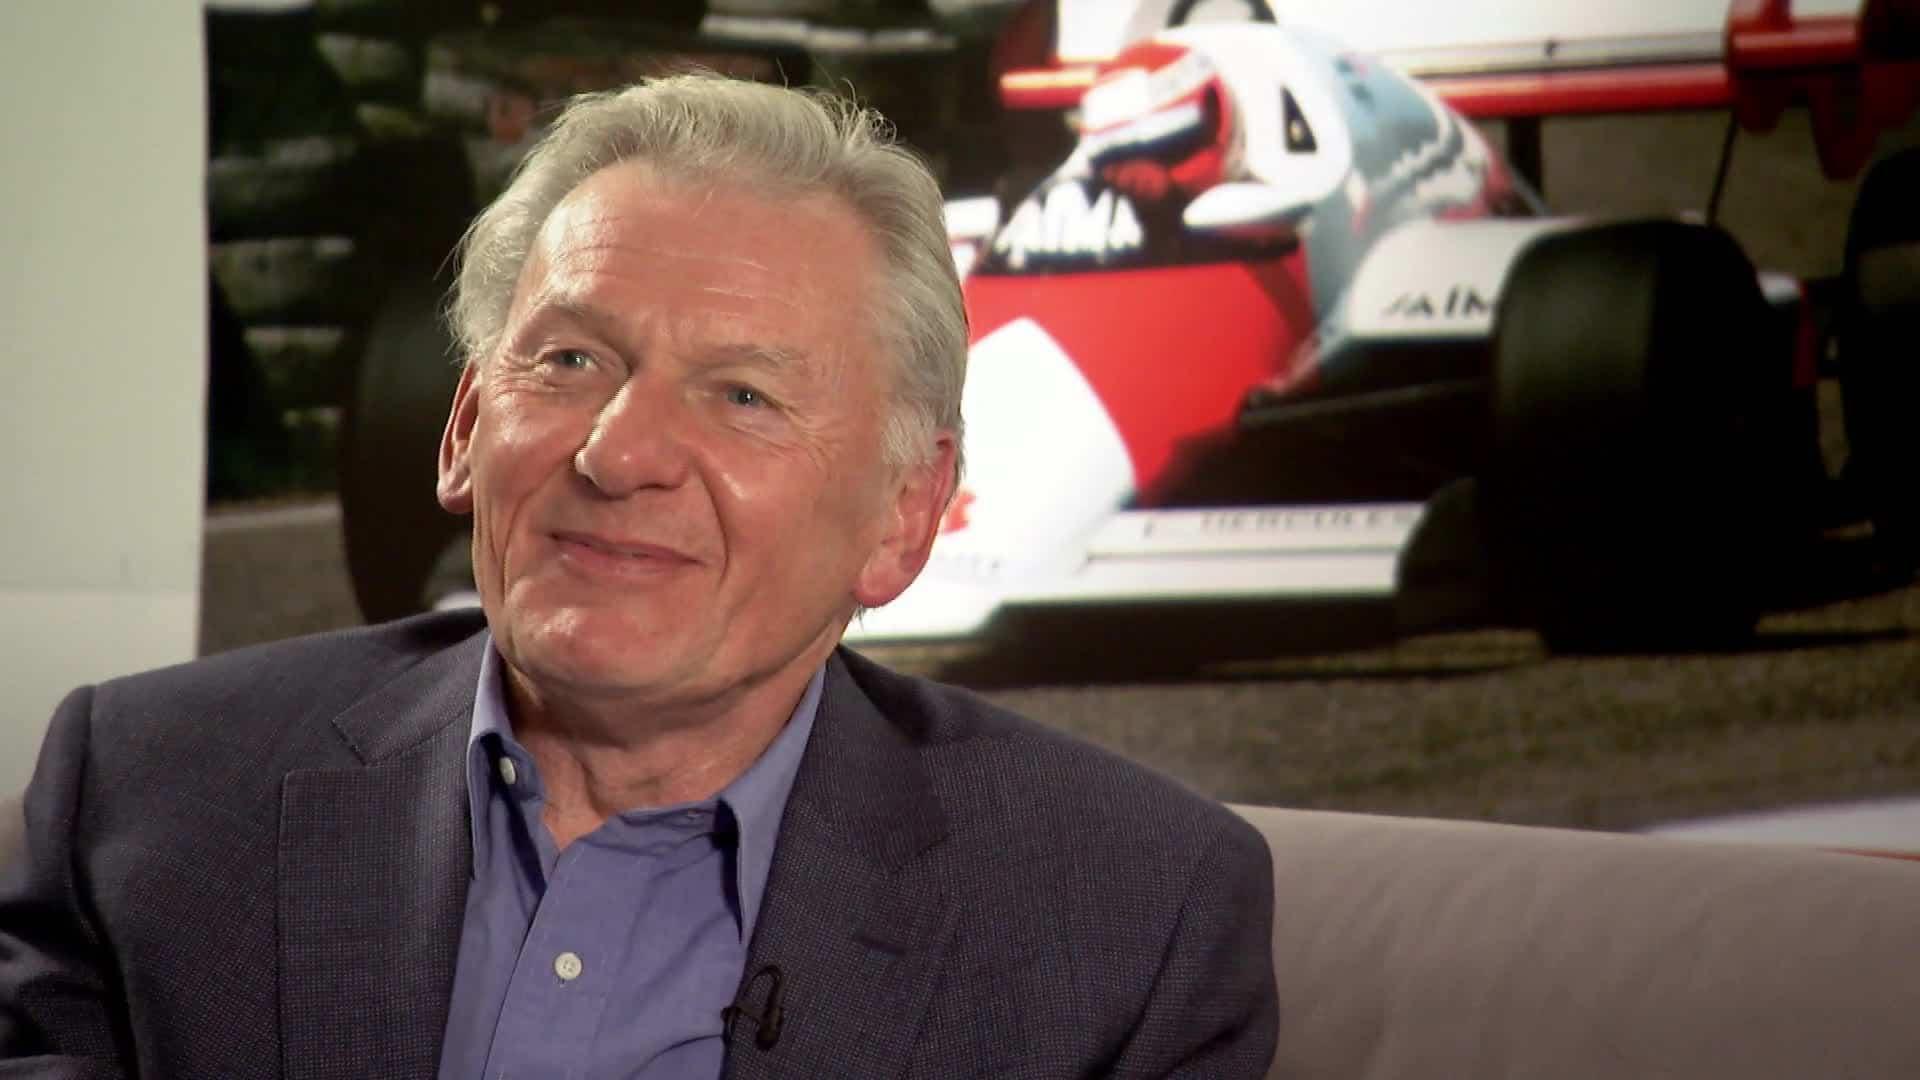 John Barnard já viveu papel importante na história da Ferrari (Foto Sky Sports)  QUANDO OS VENTOS SOPRAM DE OUTRO LADO 20160715 JohnBarnard SkySports